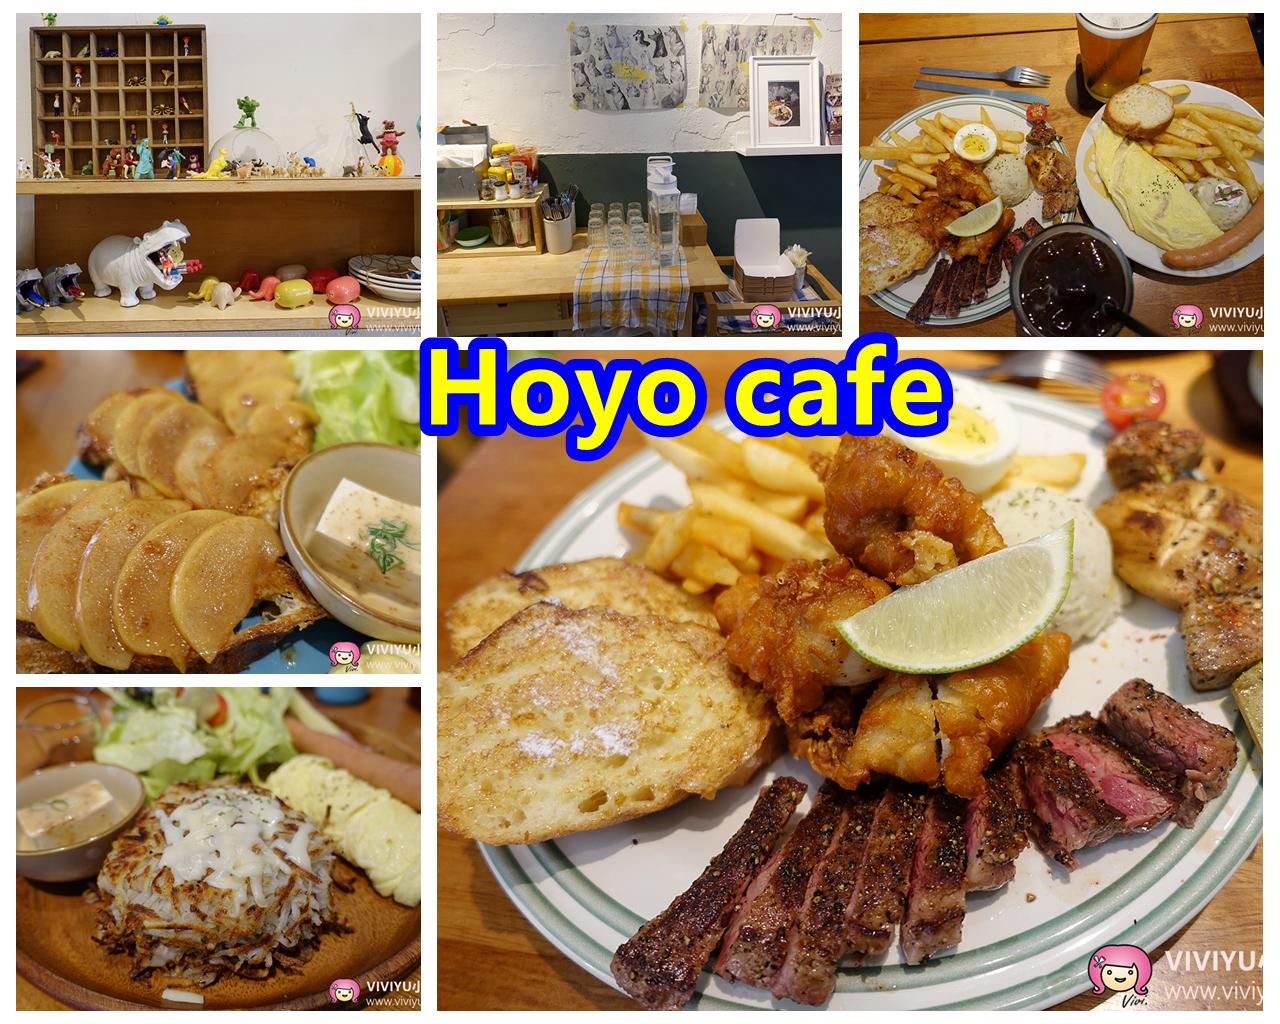 [台中.美食]Hoyo cafe.國王早午餐~台中美術館前熱門早午餐.份量好驚人!